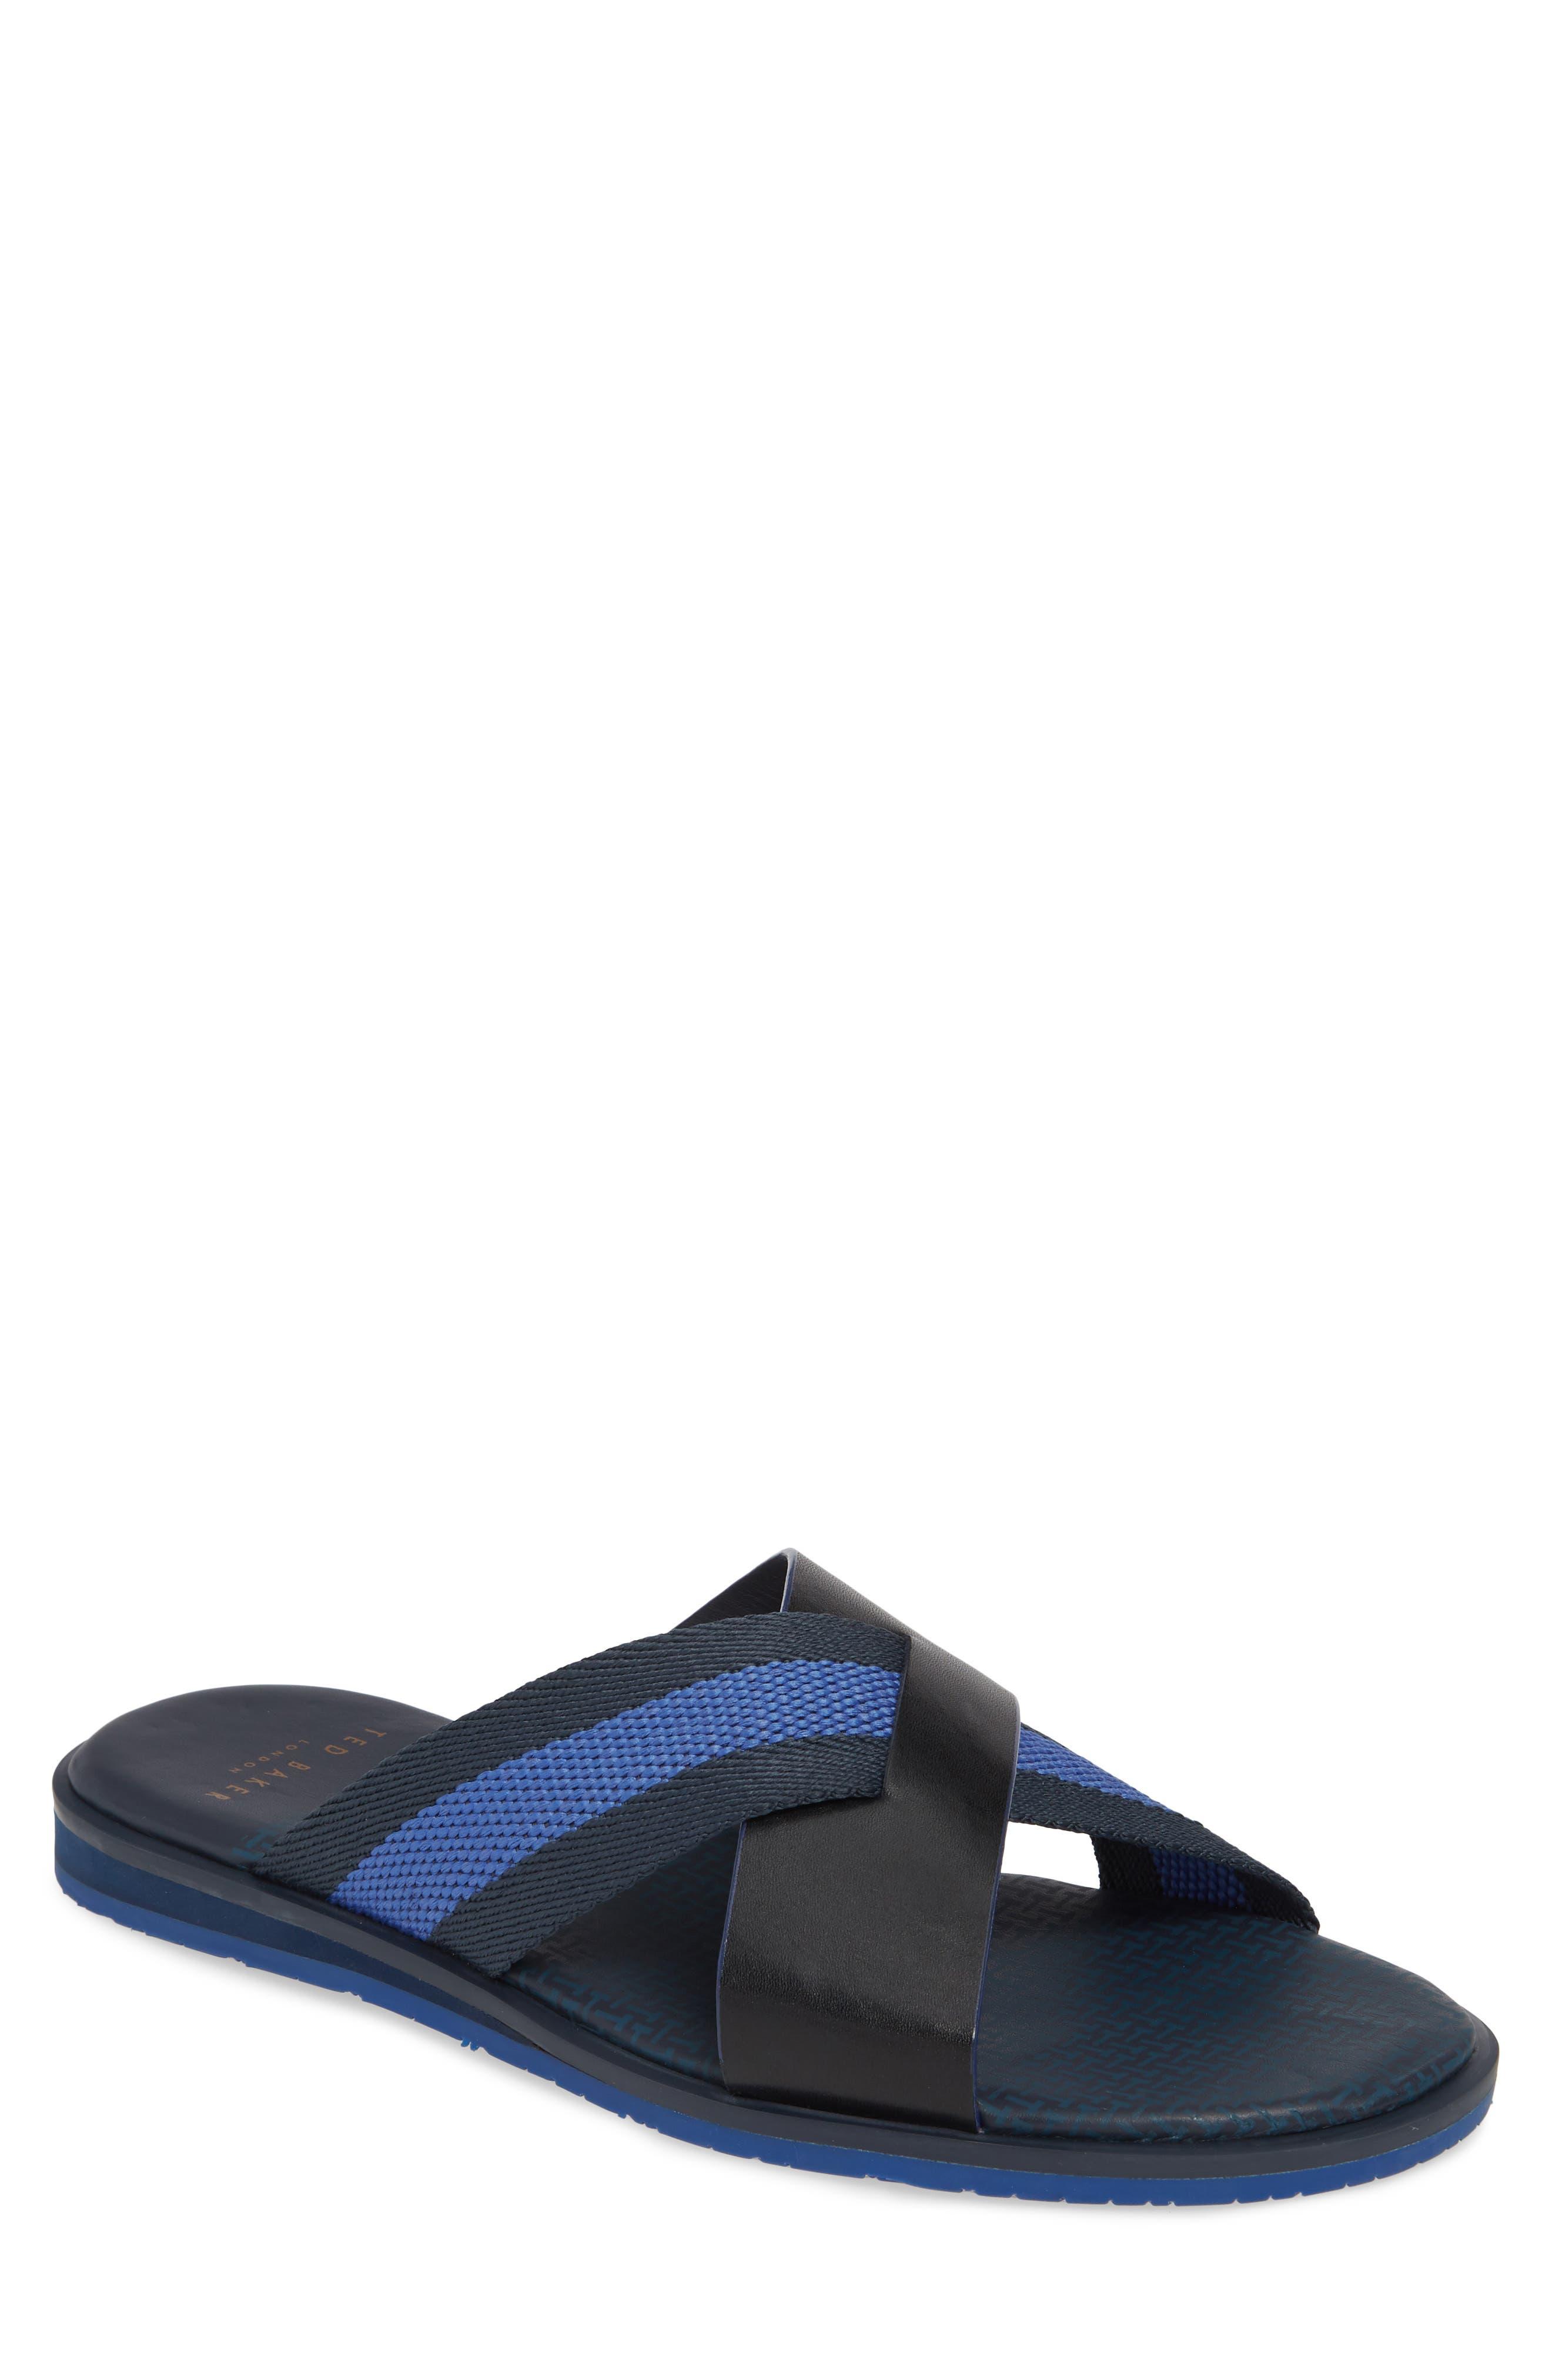 Ted Baker London Bowdus Slide Sandal, Blue